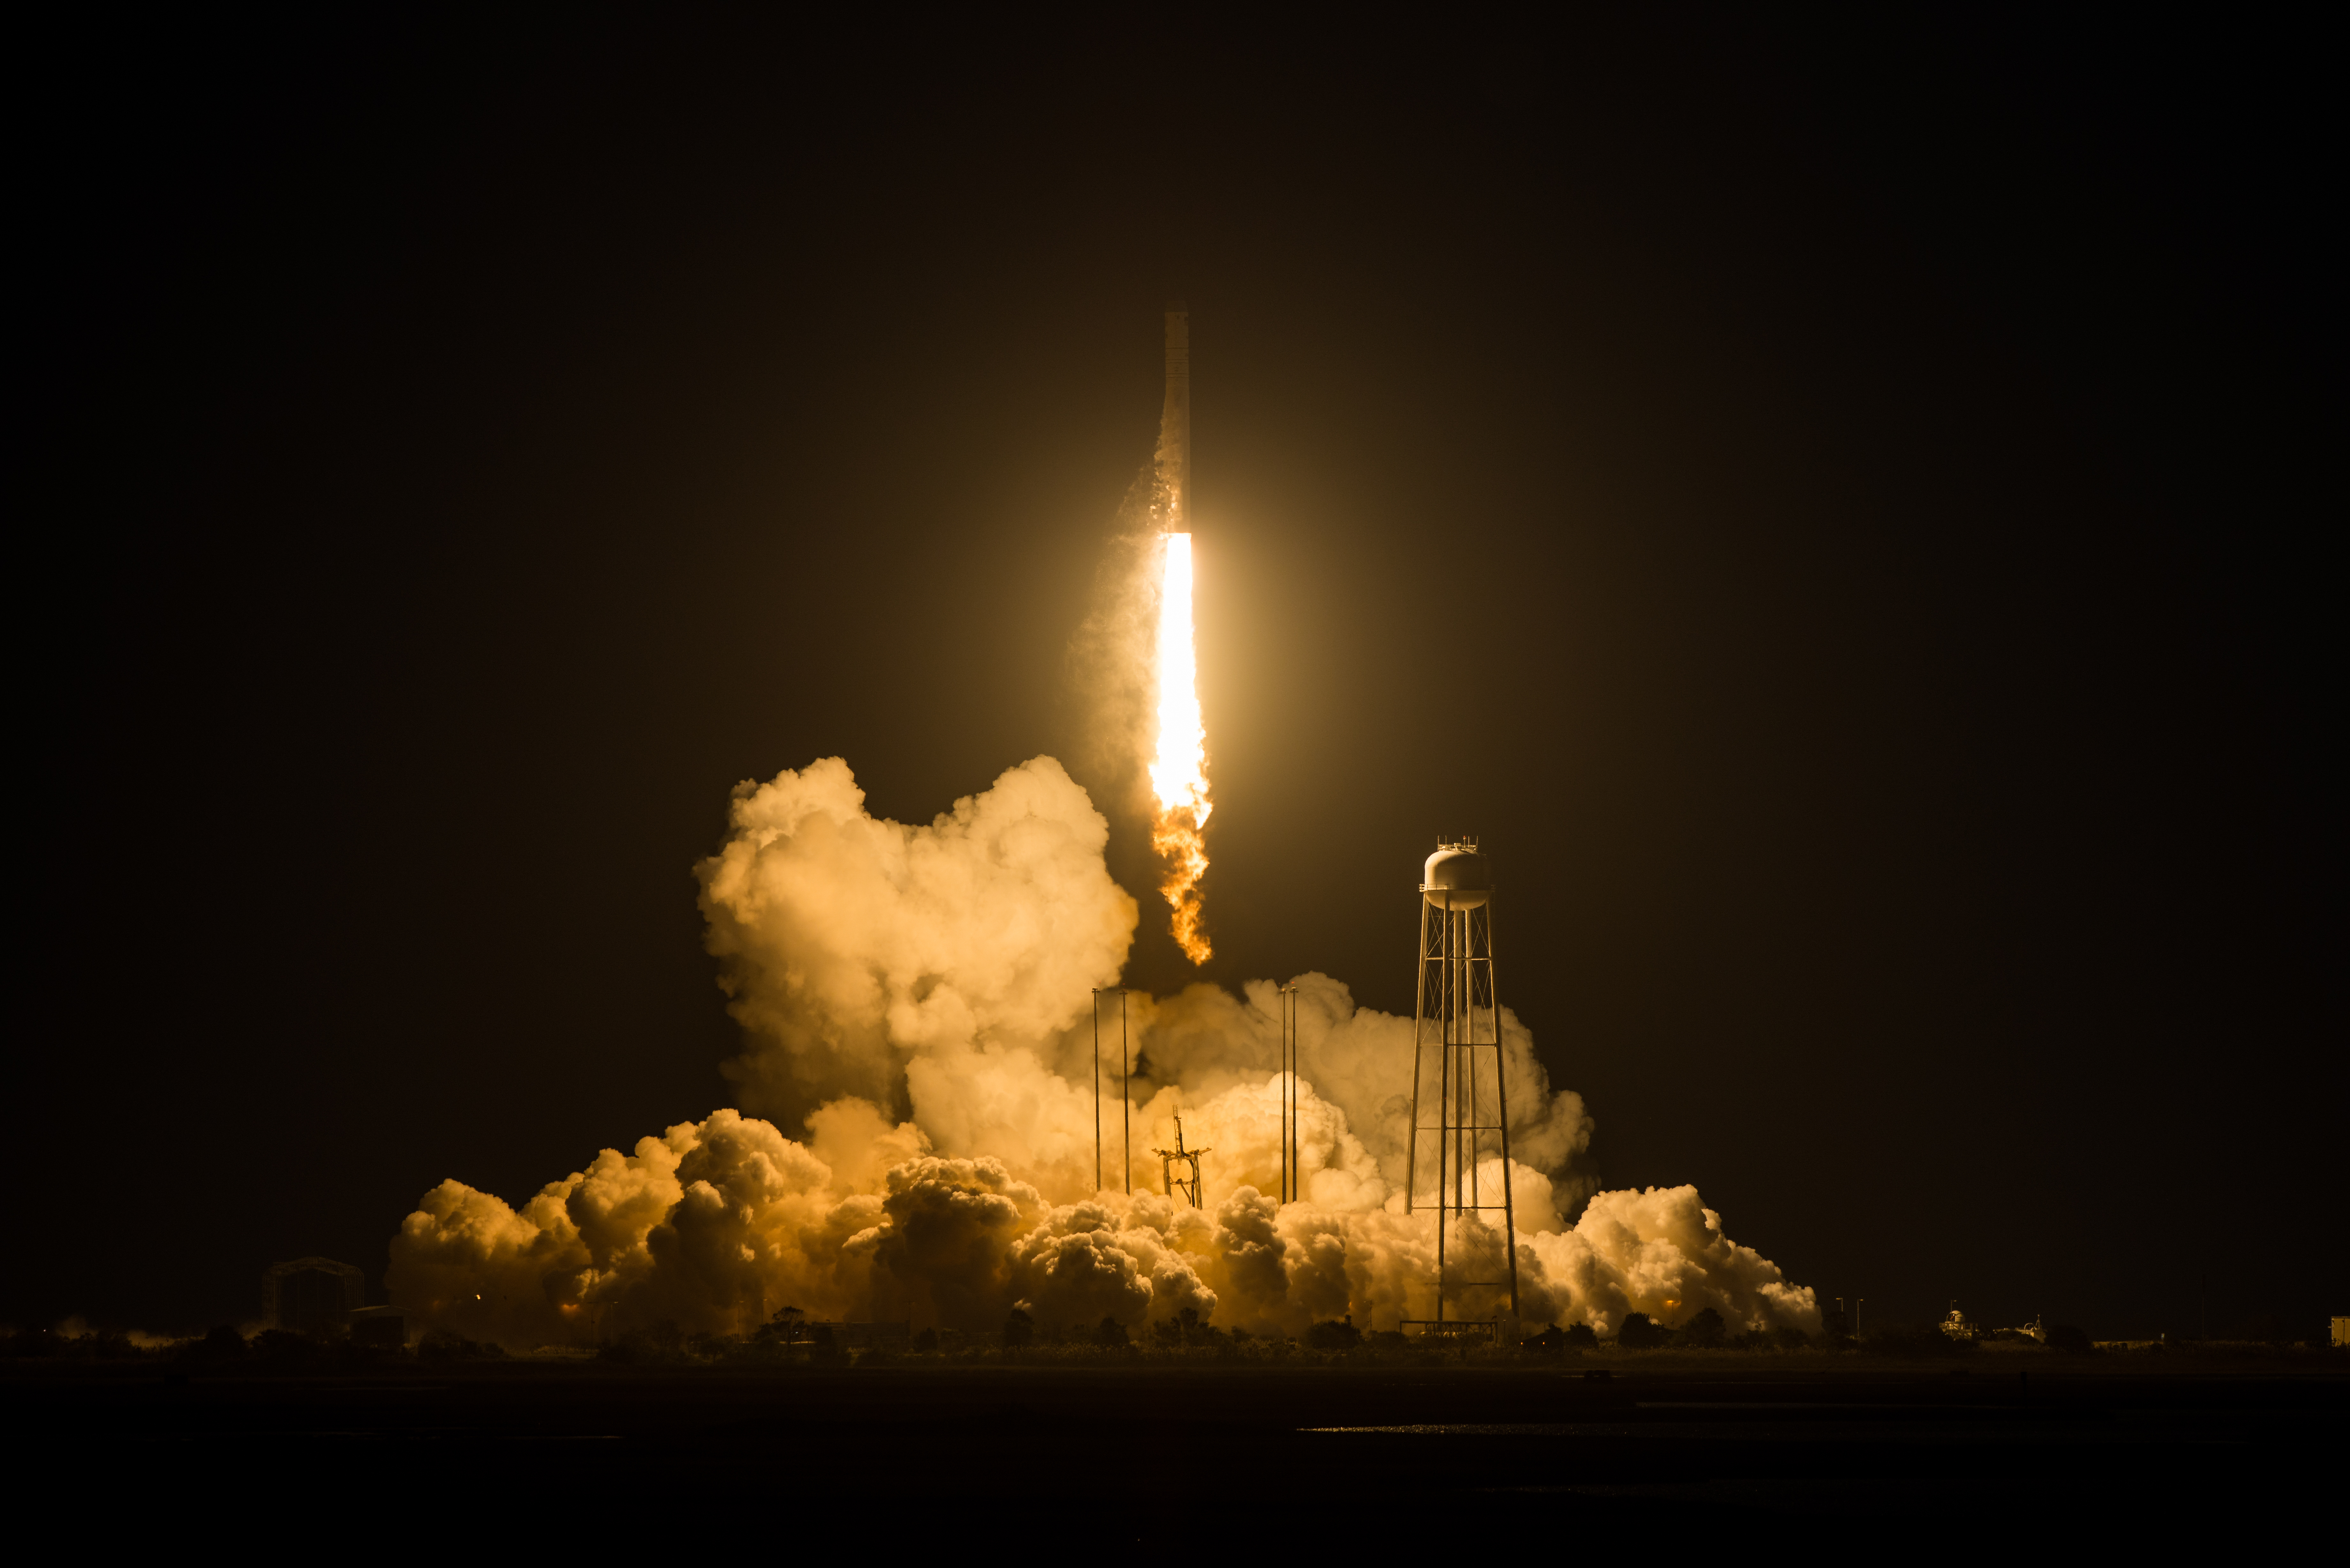 эвкалипта запуск ракеты картинки после этого